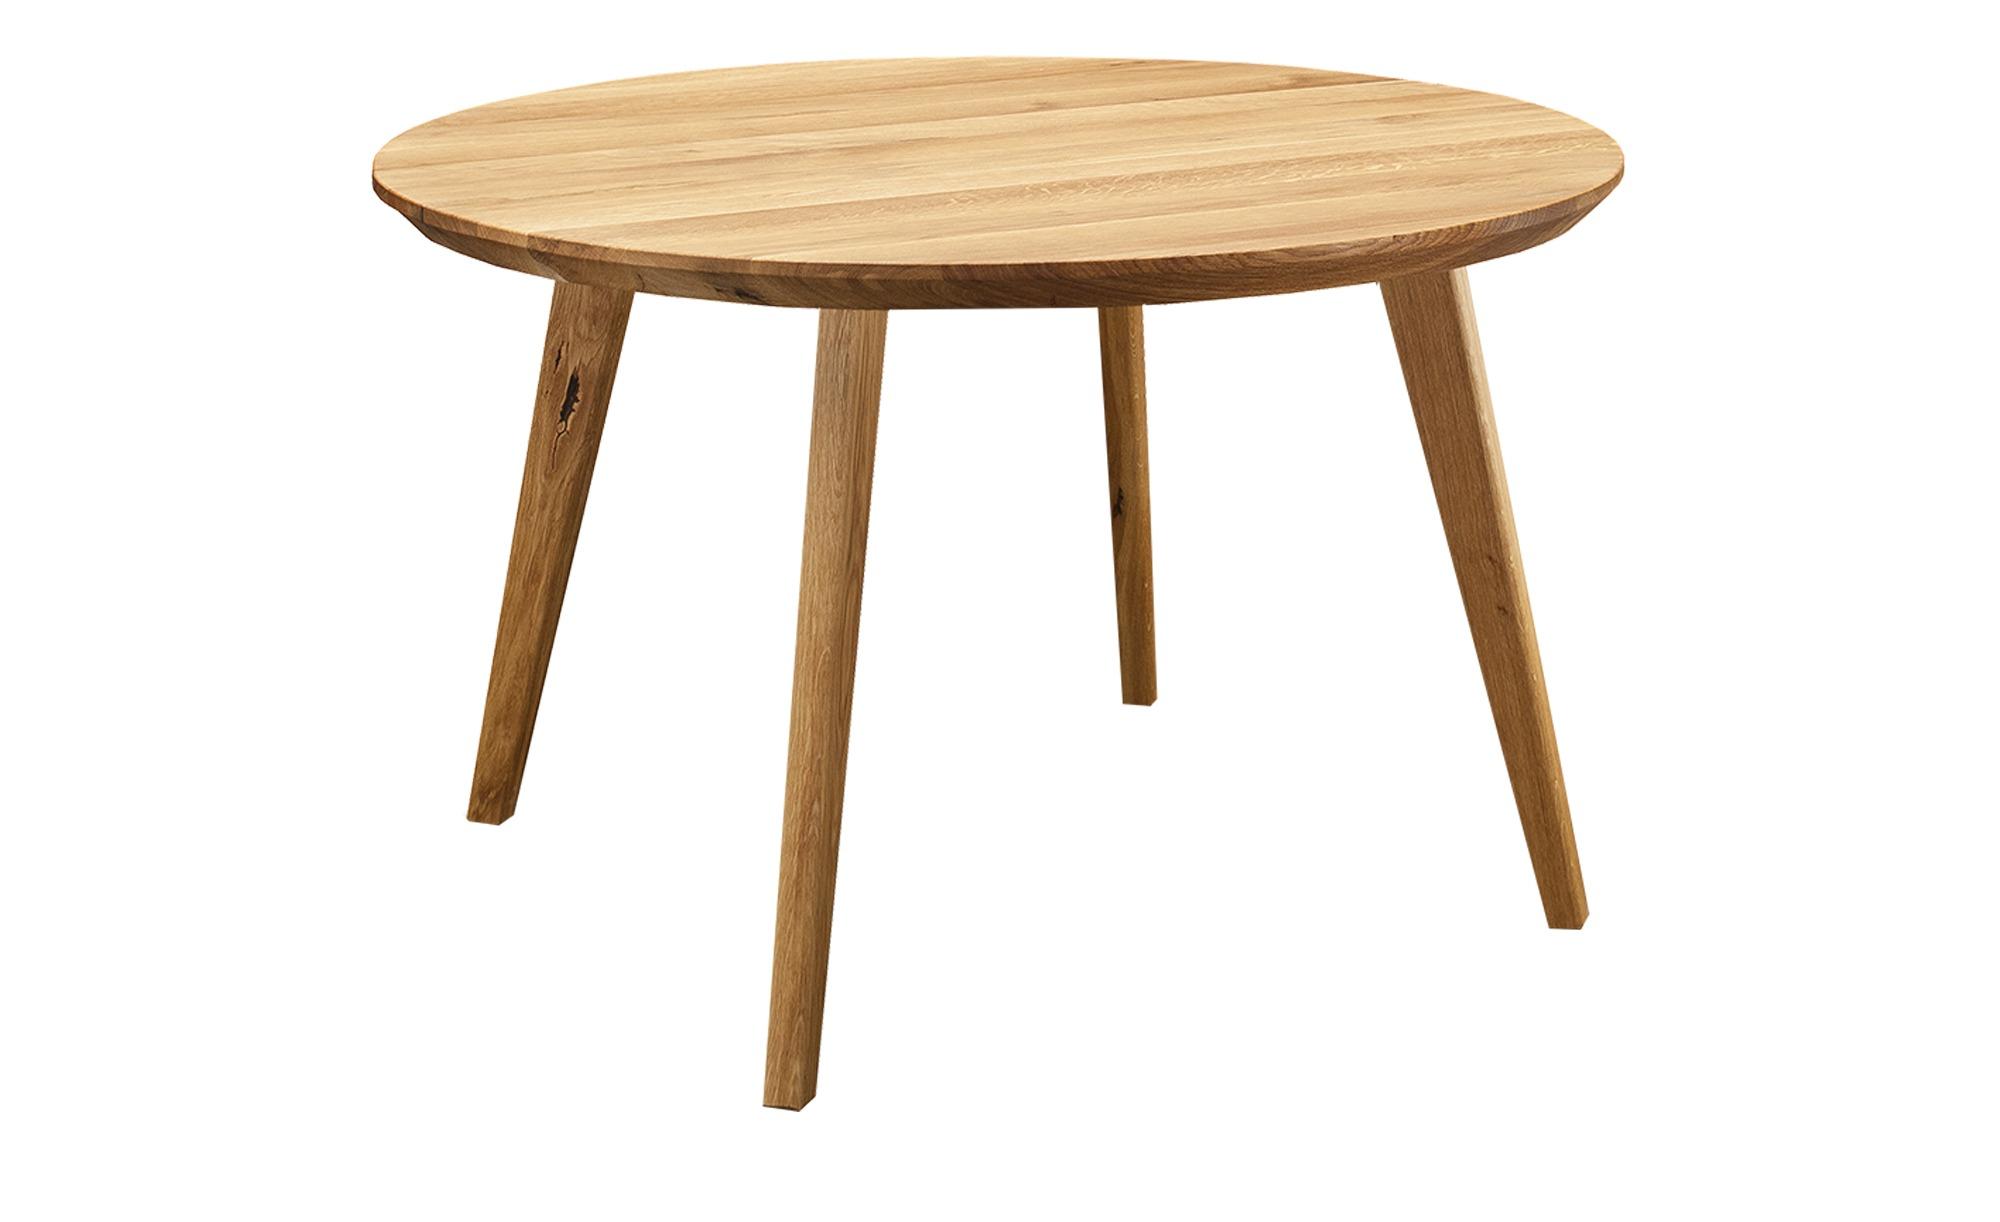 Woodford Esstisch Rund  Mandy ¦ holzfarben ¦ Maße (cm): H: 76 Ø: 120 Tische > Esstische > Esstische rund - Höffner